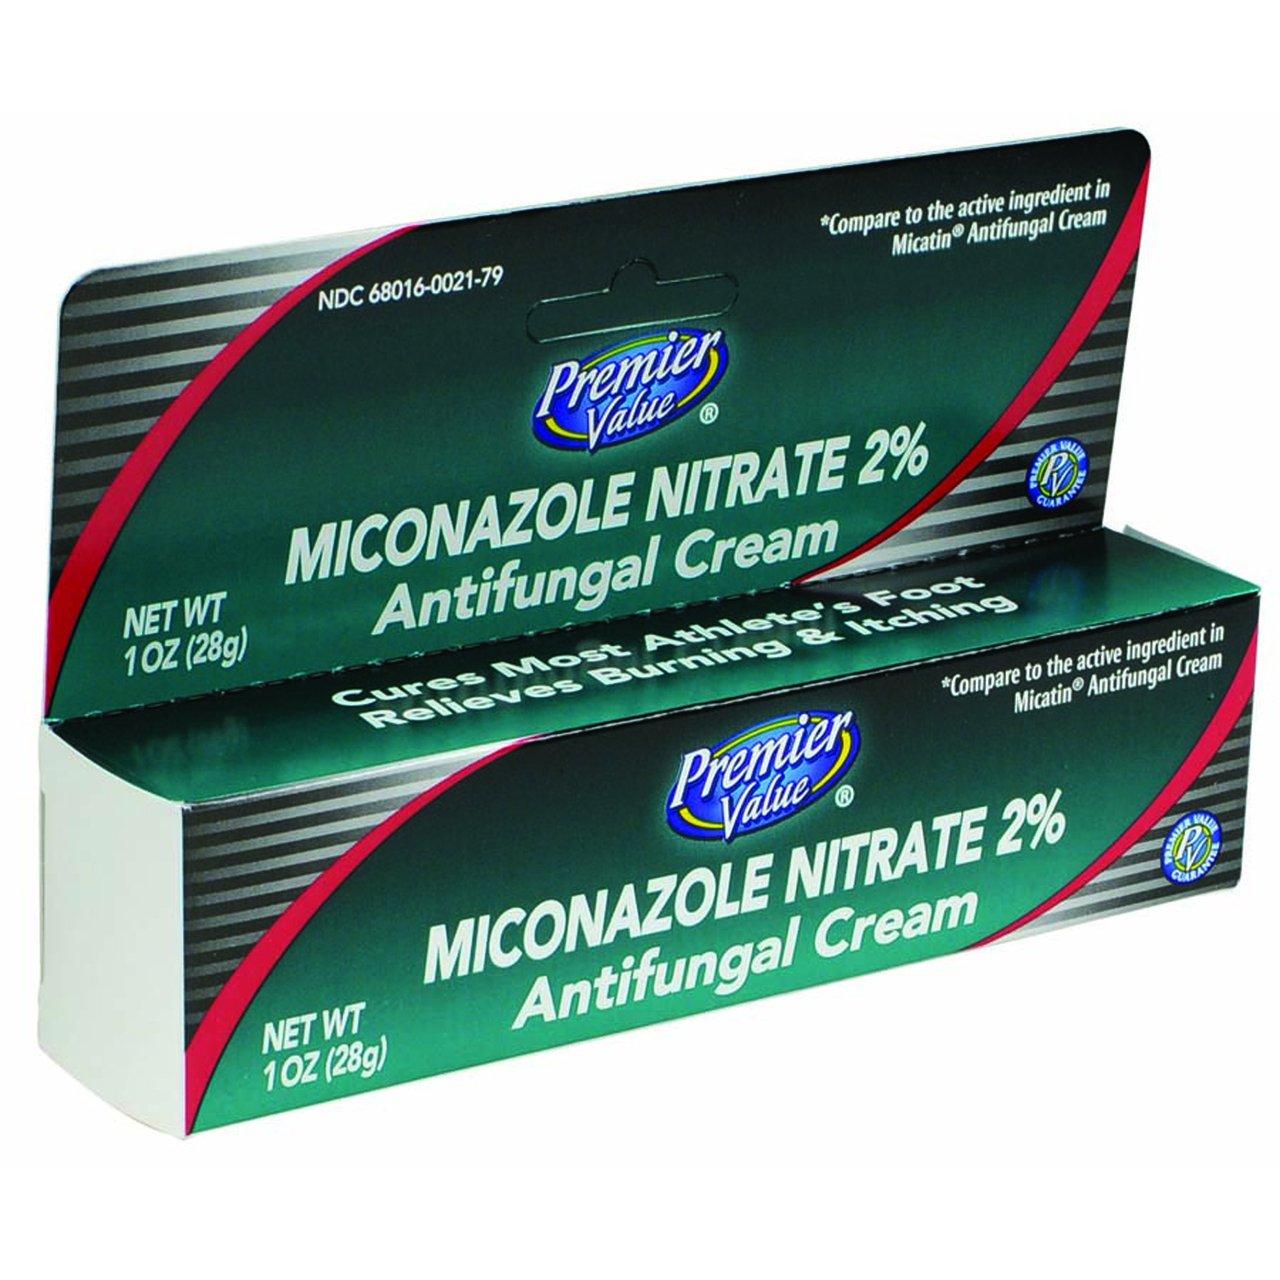 Premier Value Miconazole Nitrate Cream 2% - 1oz on Galleon ...